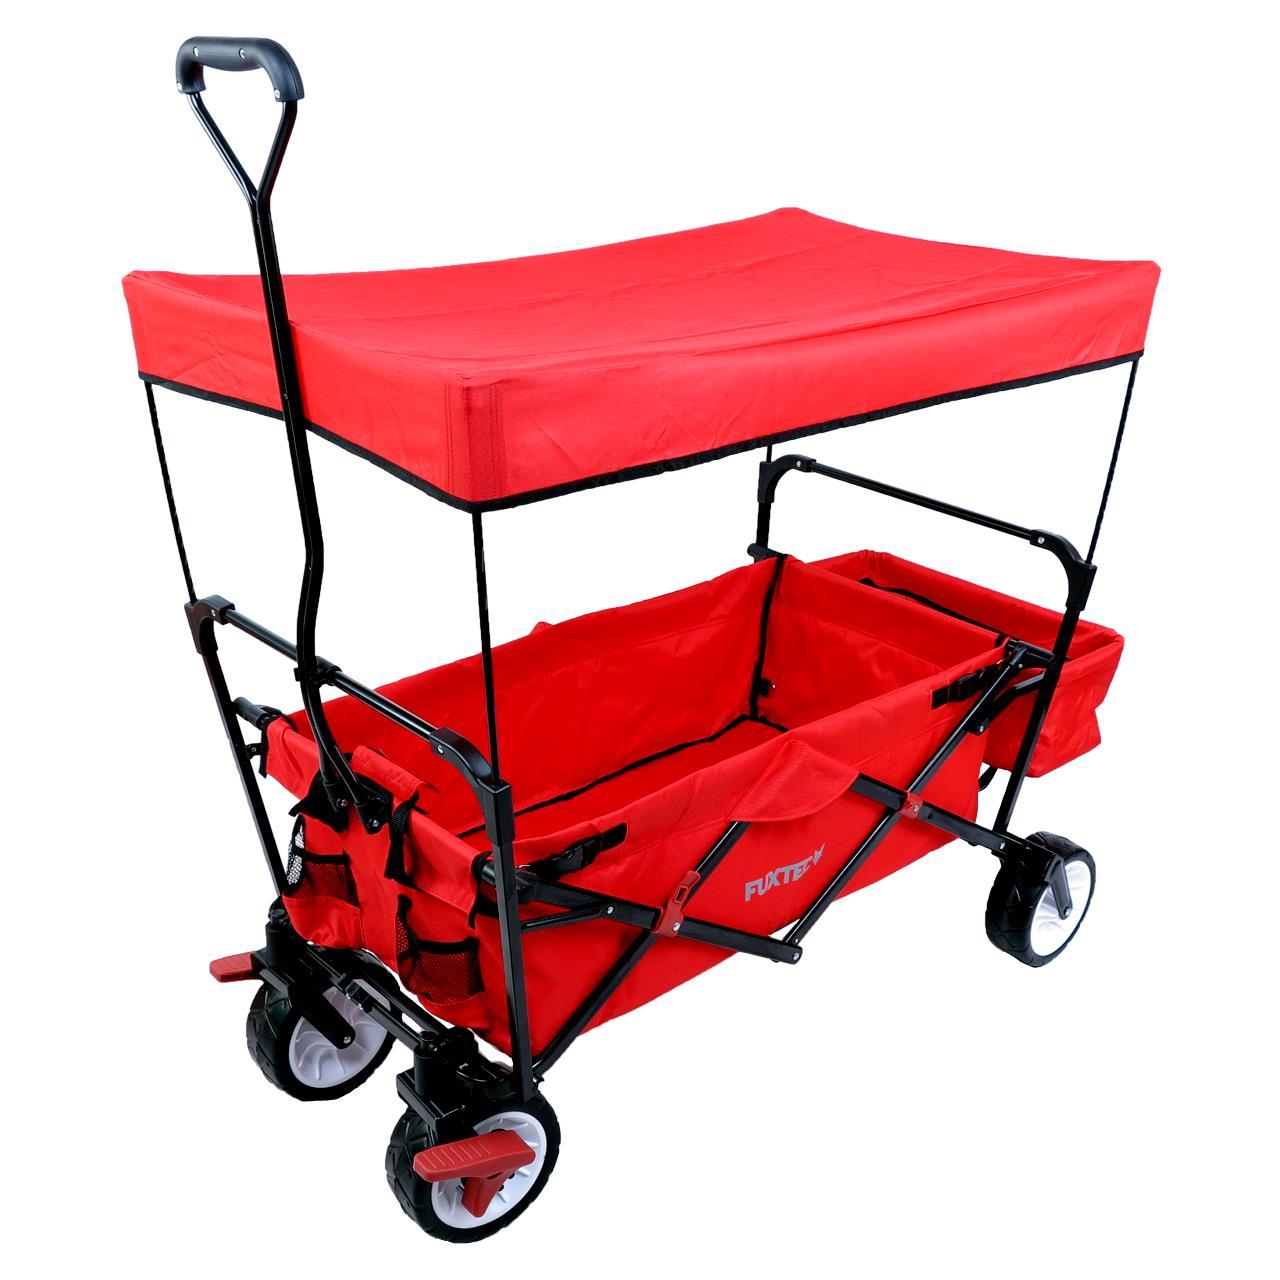 (online @FUXTEC) Bollerwagen FX-CT350 als B-Ware rot - Sovendus Gutschein für 65,45€ möglich